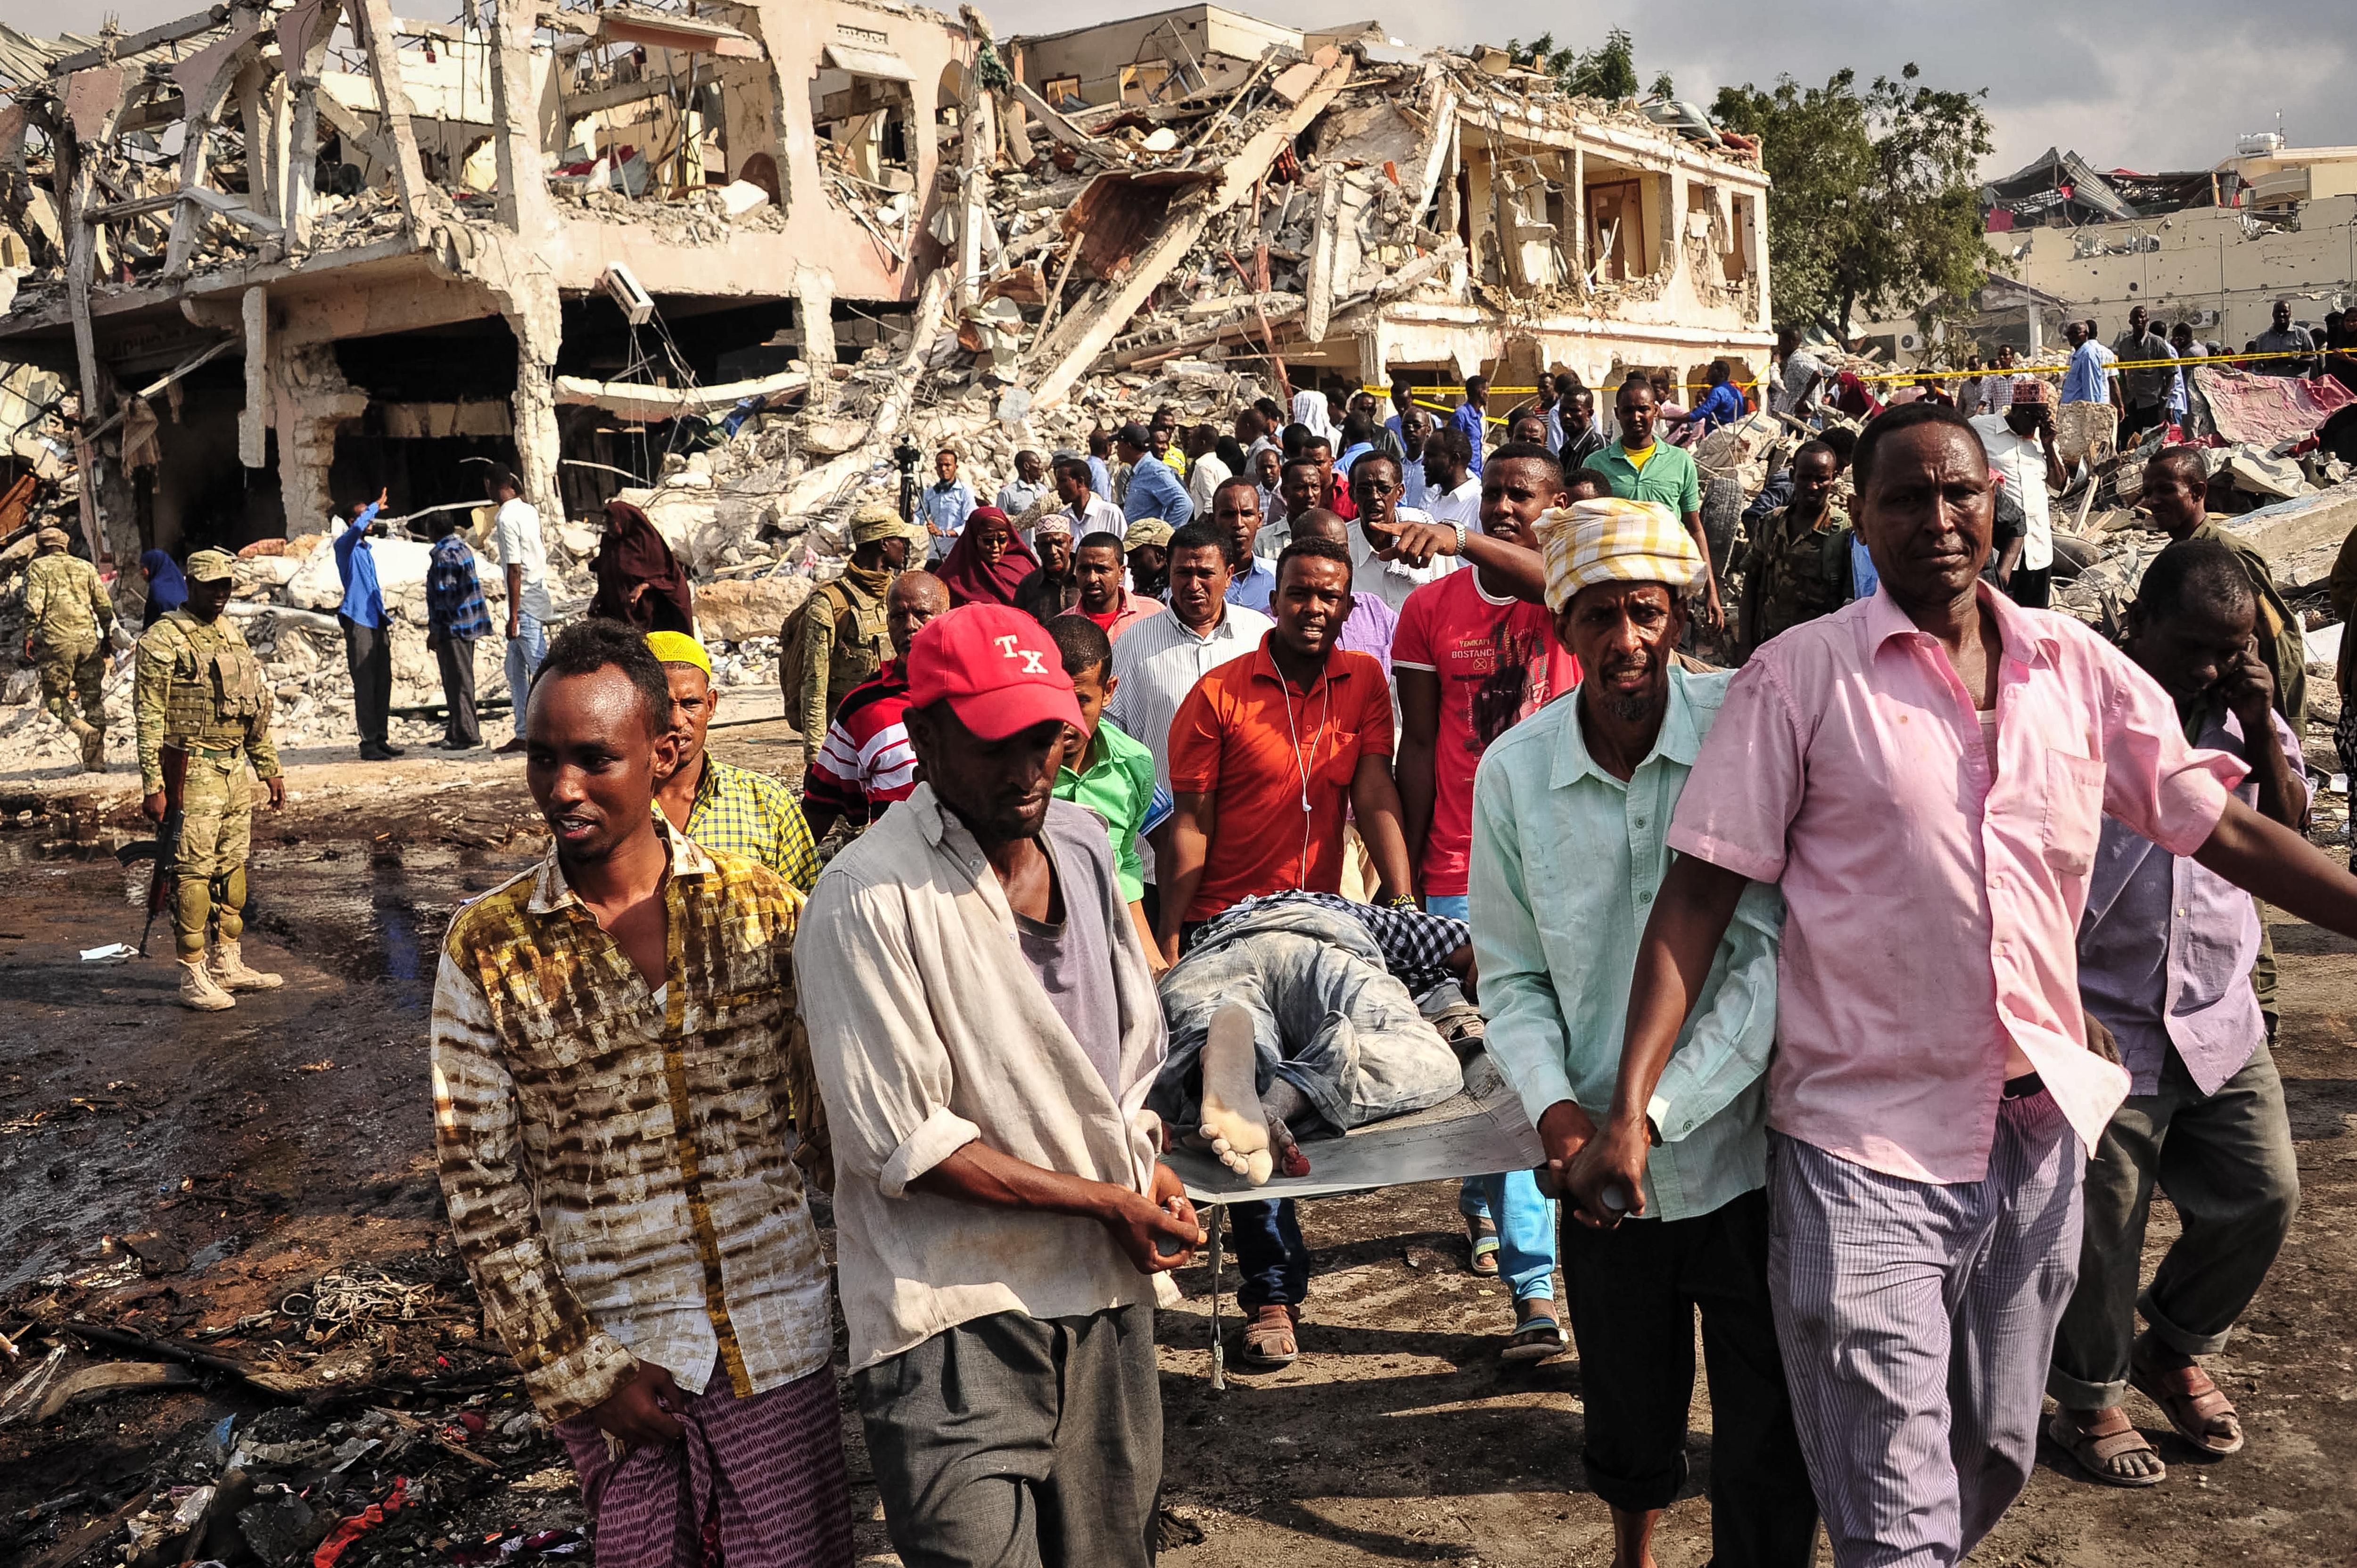 Már legalább 276 halottja van az afrikai történelem második legsúlyosabb terrortámadásának